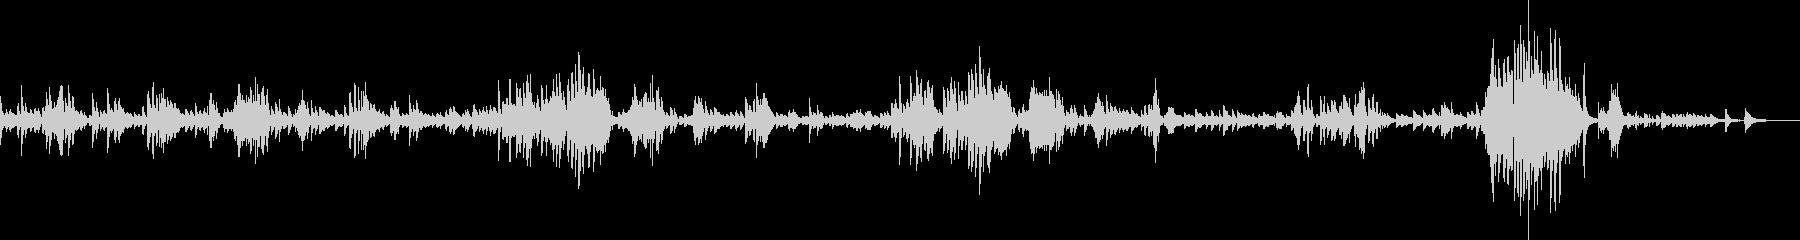 ショパン ノクターン Op9-No2の未再生の波形